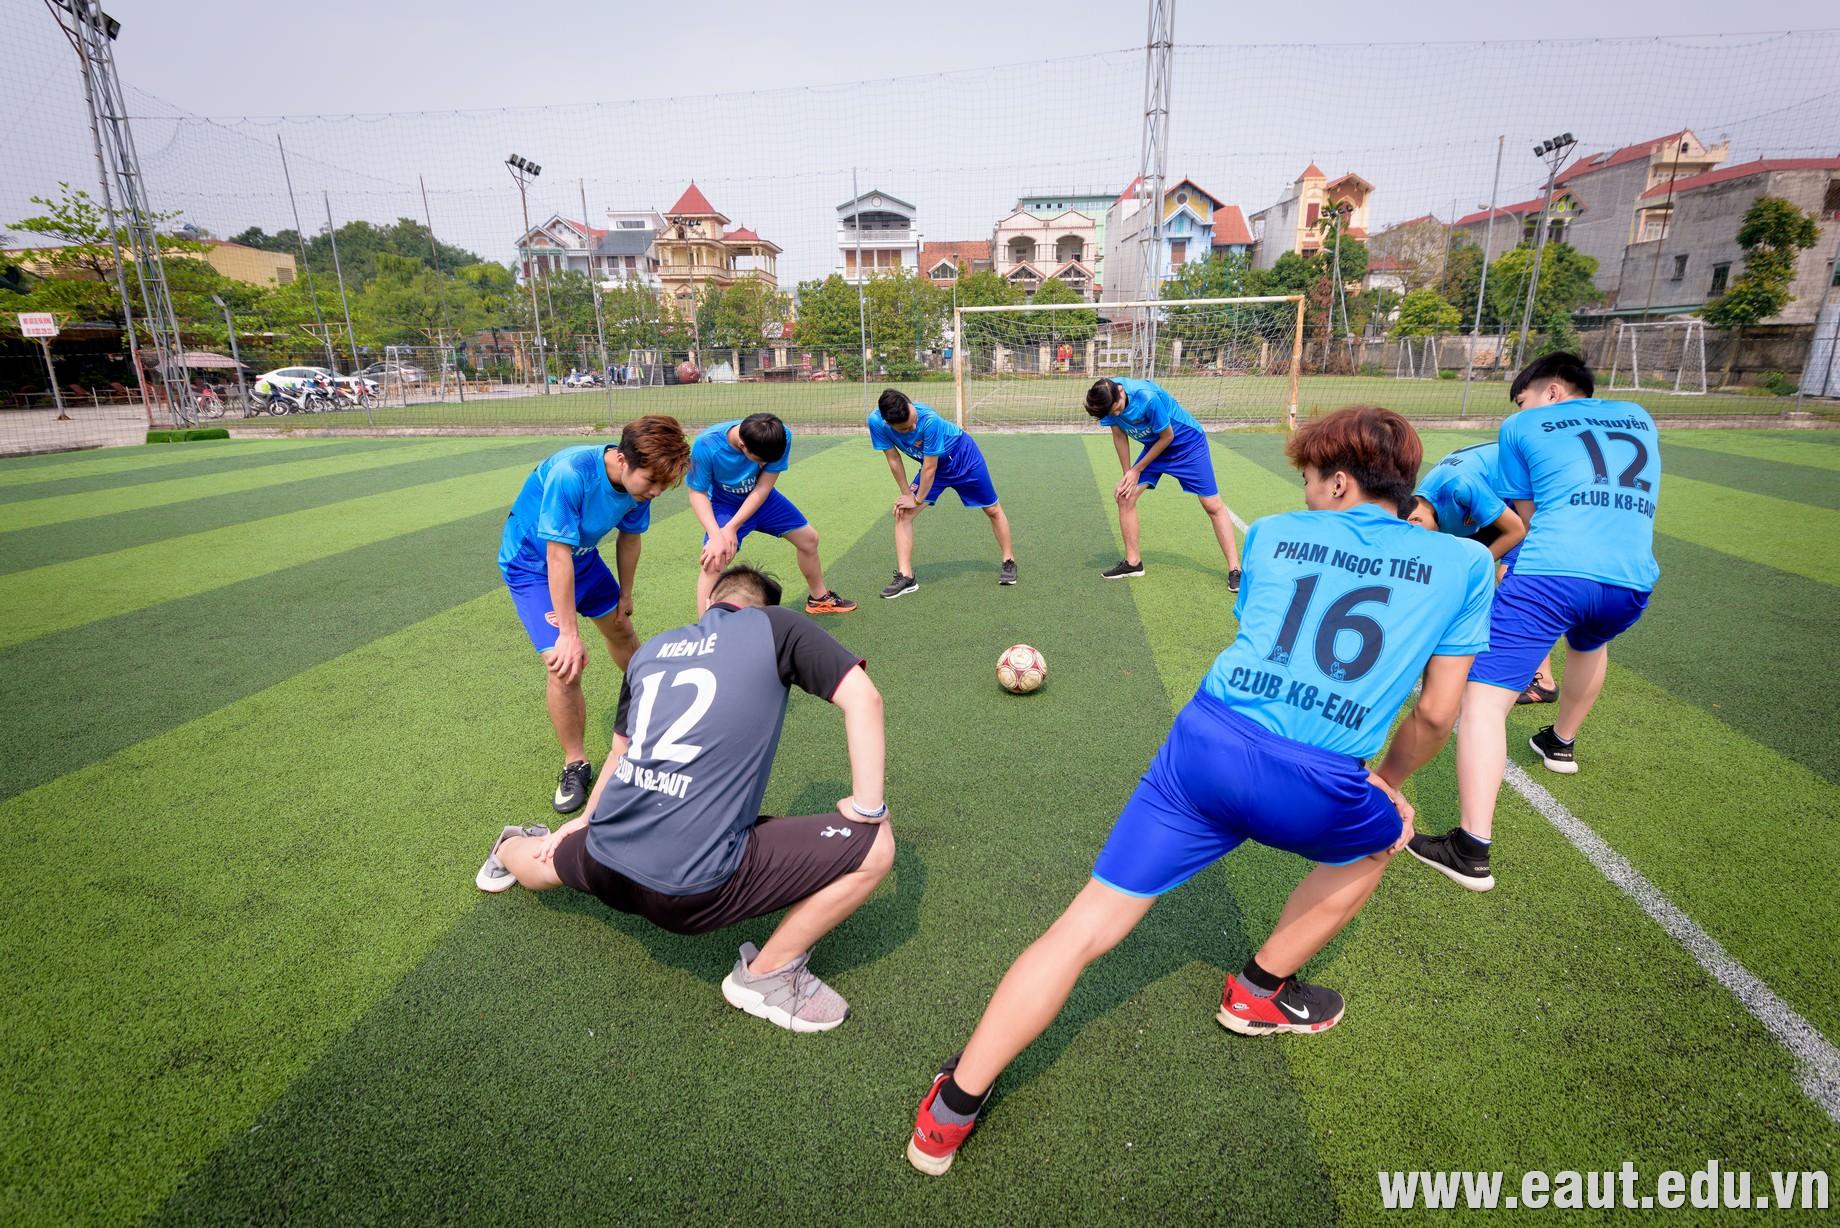 Phút luyện tập của các thành viên câu lạc bộ EAUT FOOTBALL CLUB